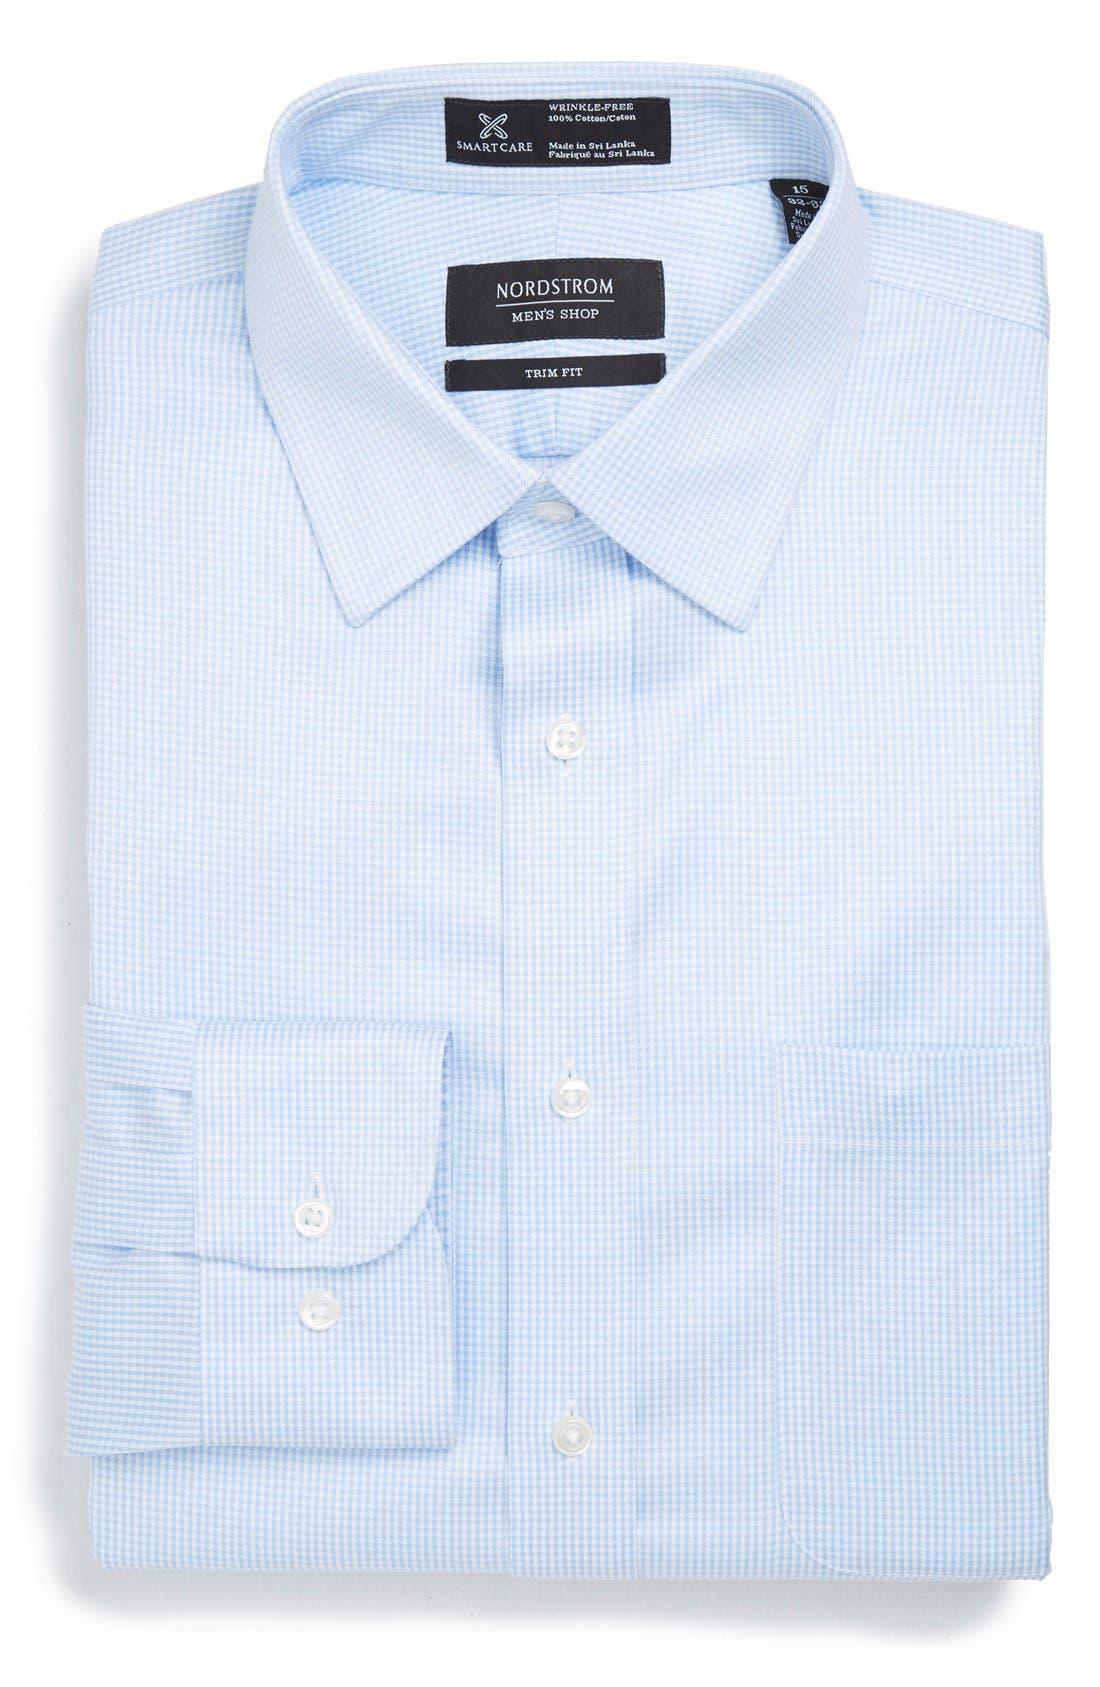 NORDSTROM MEN'S SHOP Smartcare™ Trim Fit Houndstooth Dress